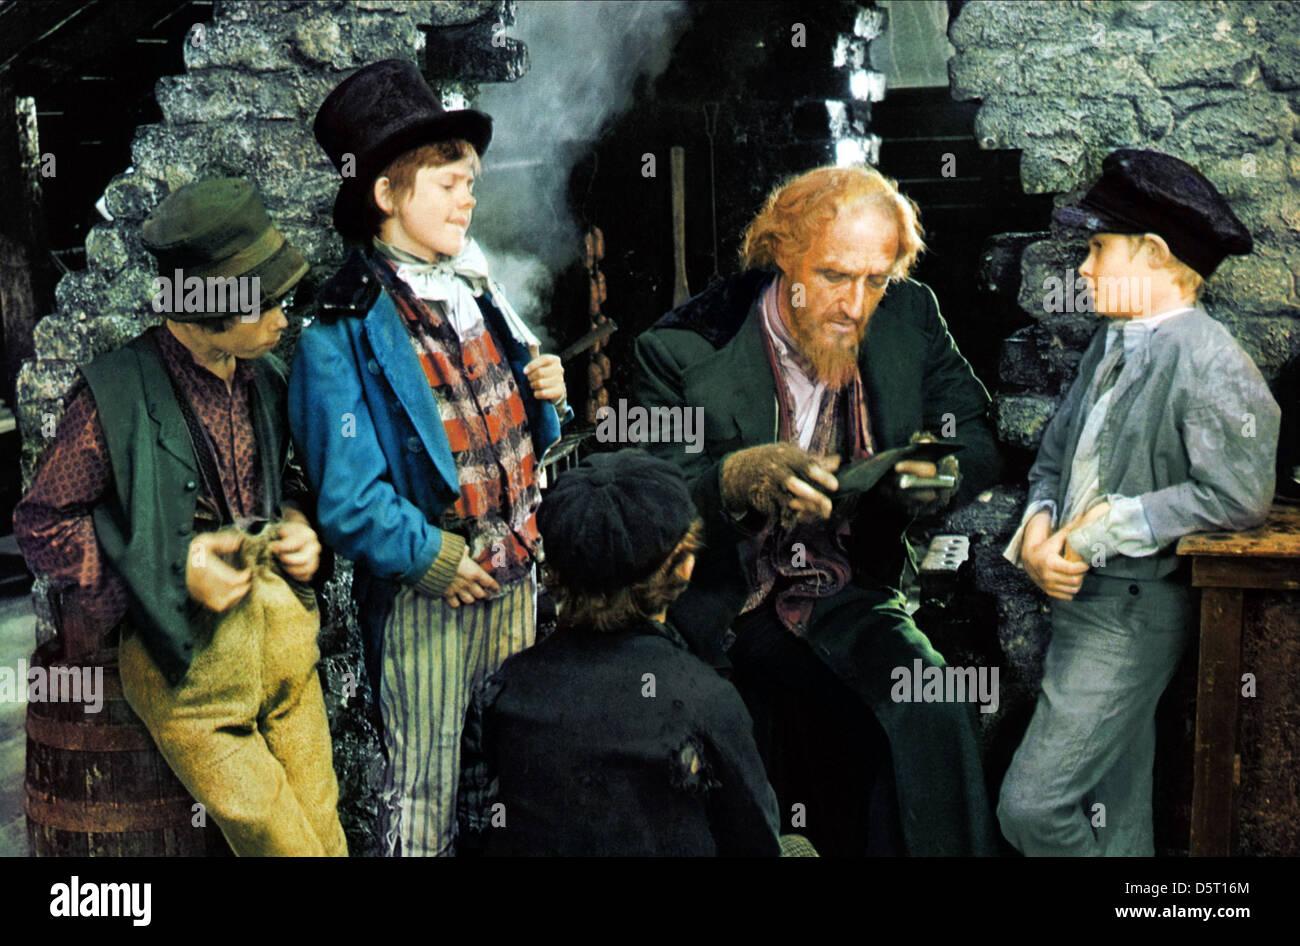 oliver 1968 full movie